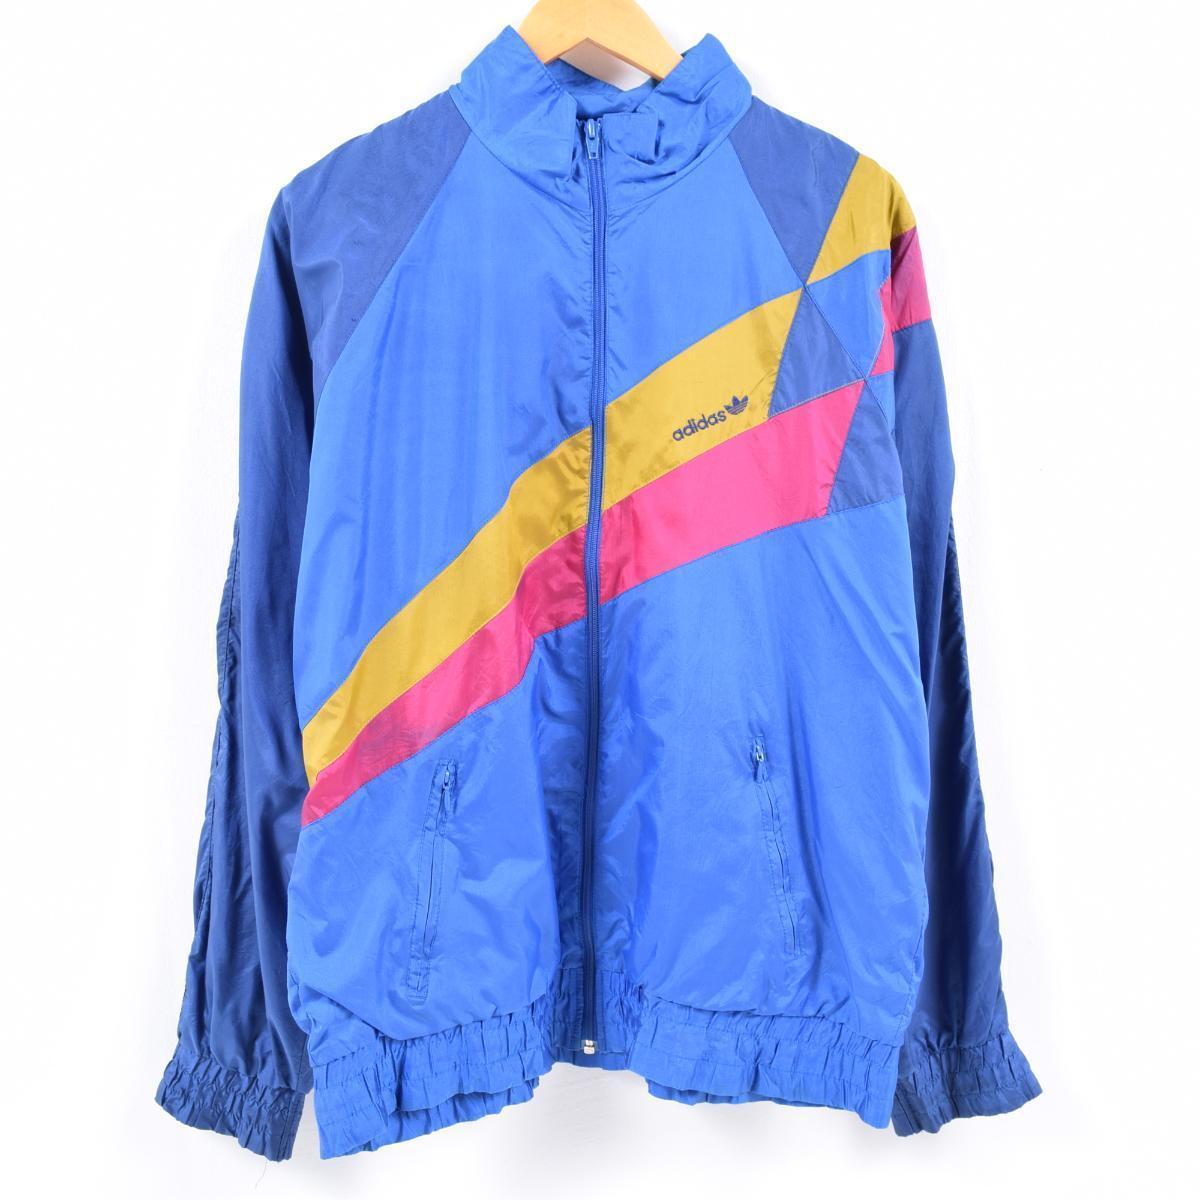 80~90 generation Adidas adidas flock print nylon jacket men L vintage wba7656